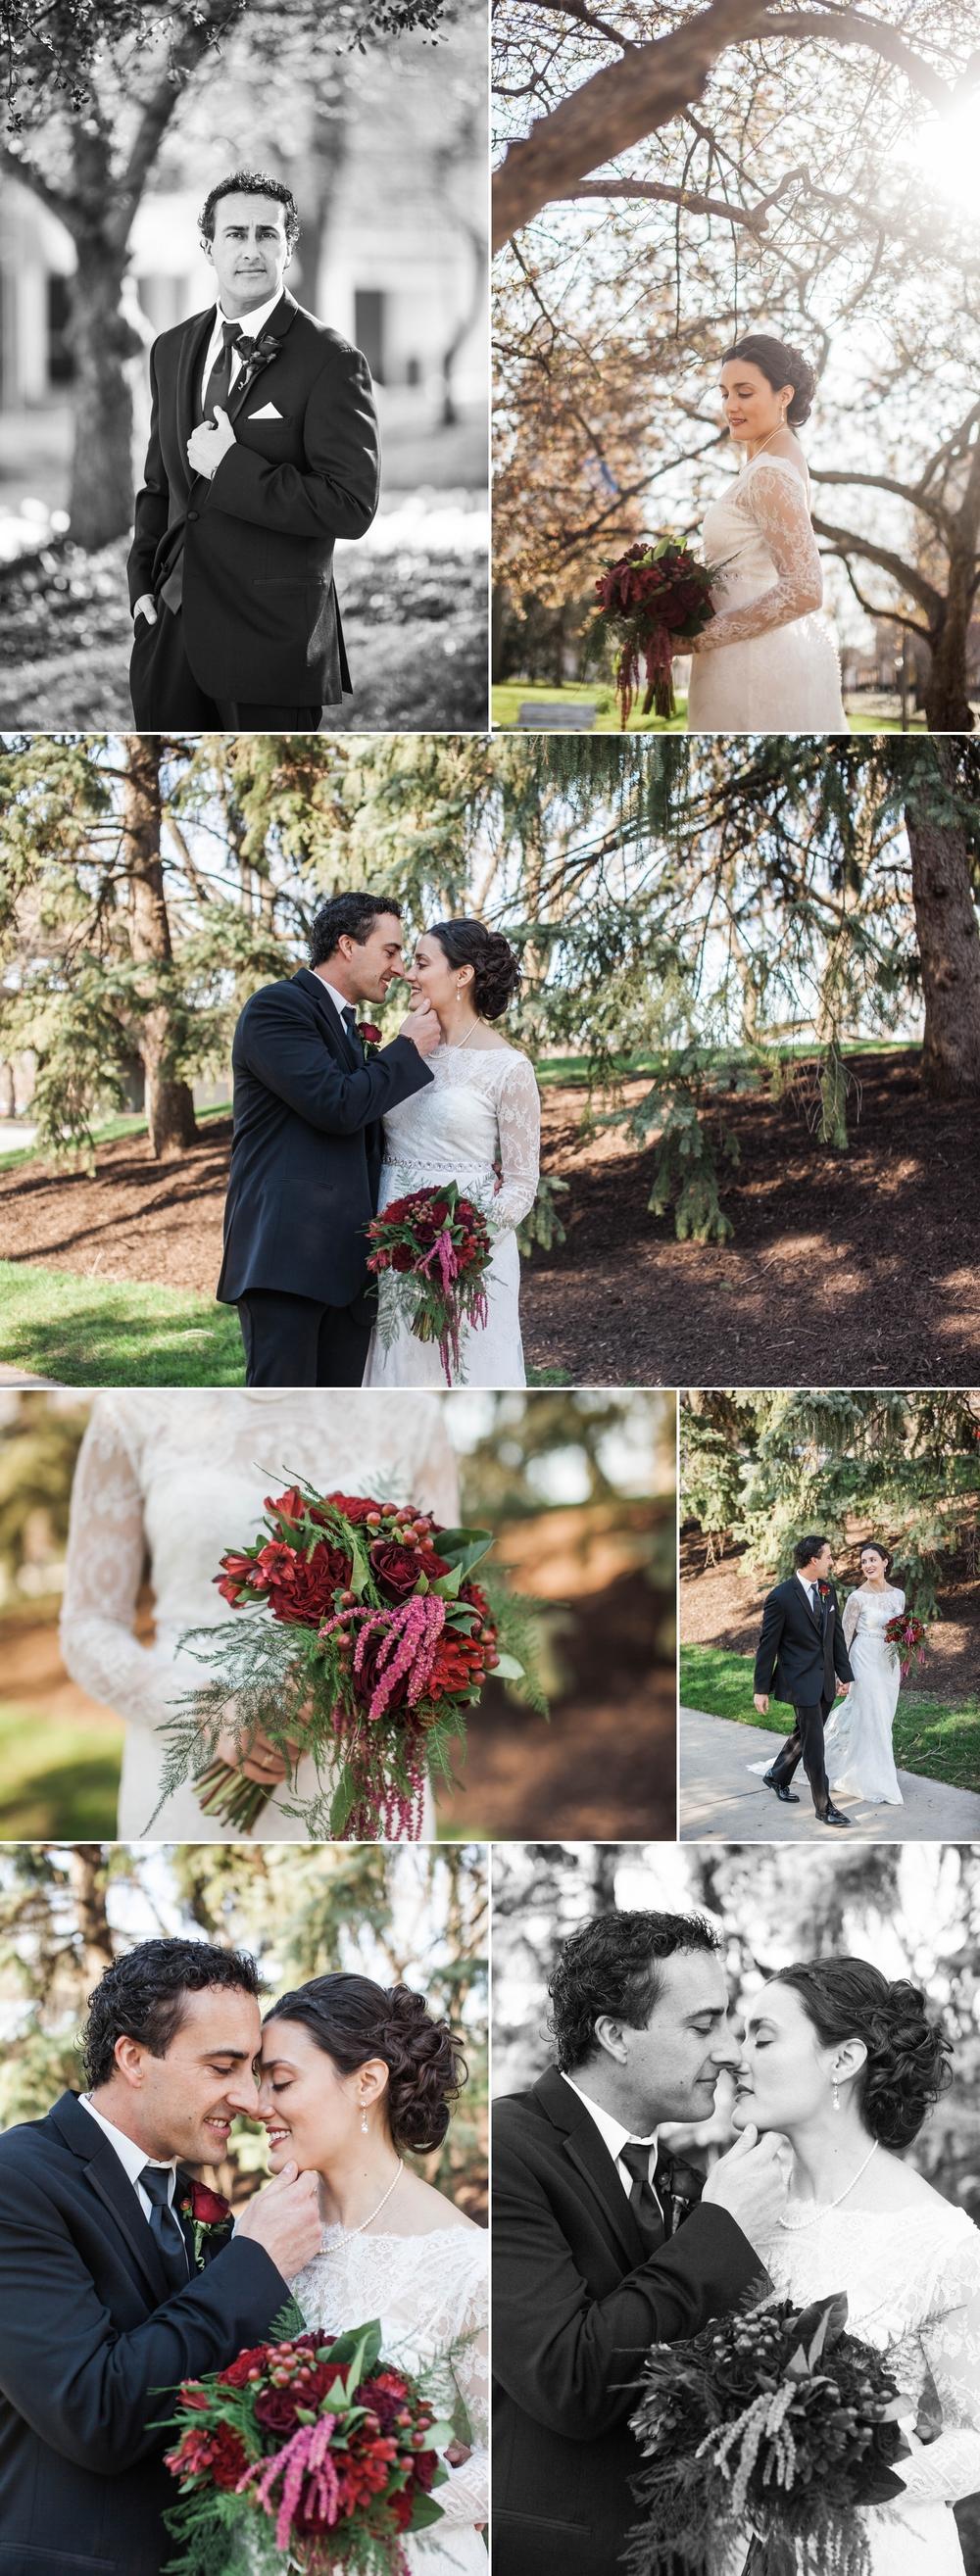 bride-wedding-shoes-park-bridal-portrait-groom-bouquet-2